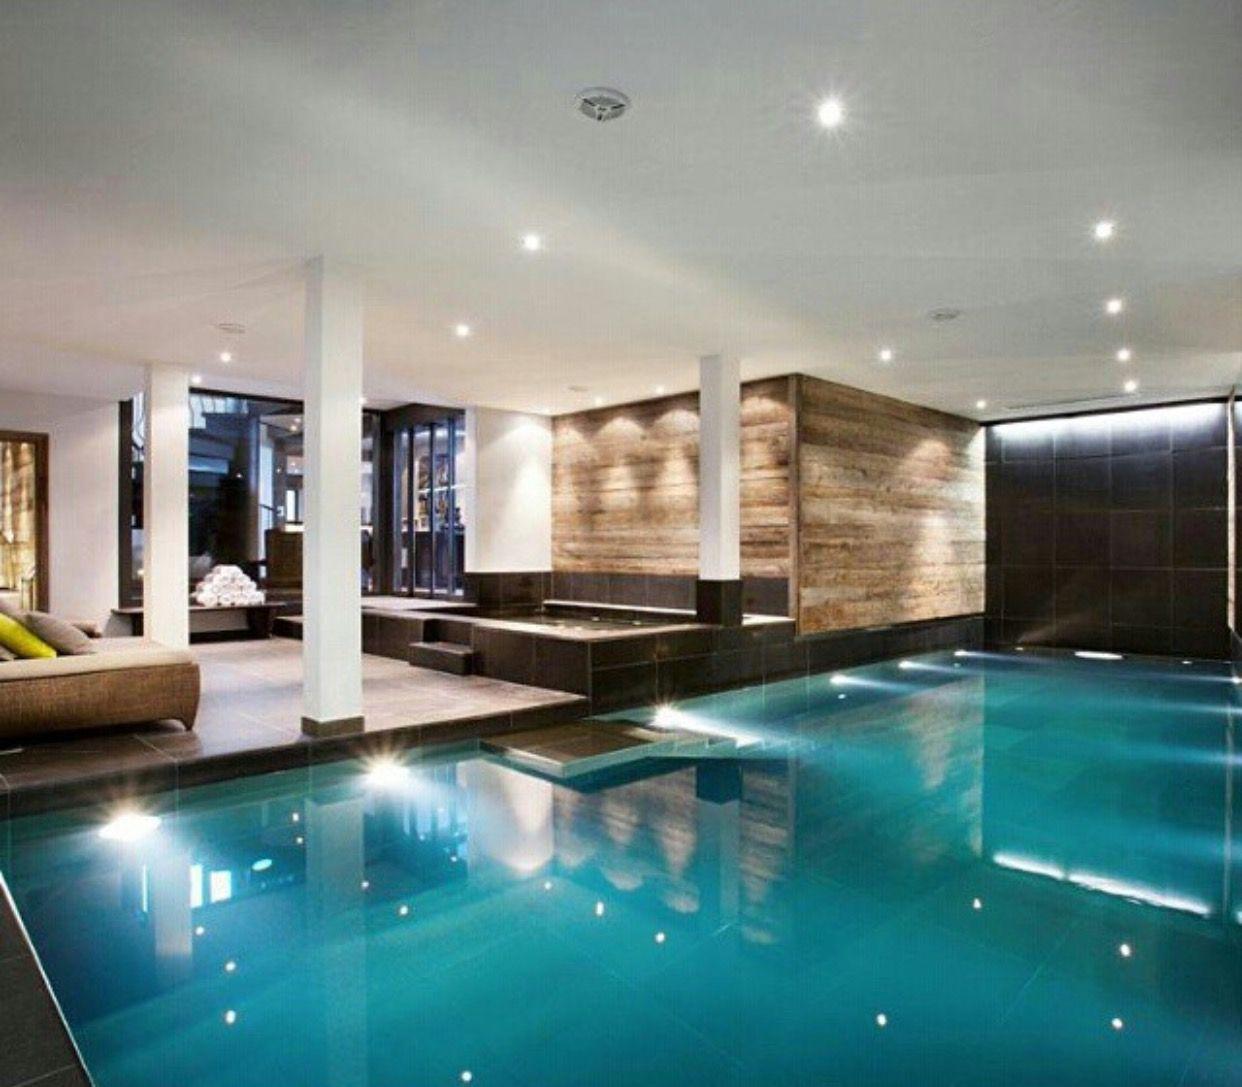 pin de doris diaz en exquisite indoor pools | pinterest | casas